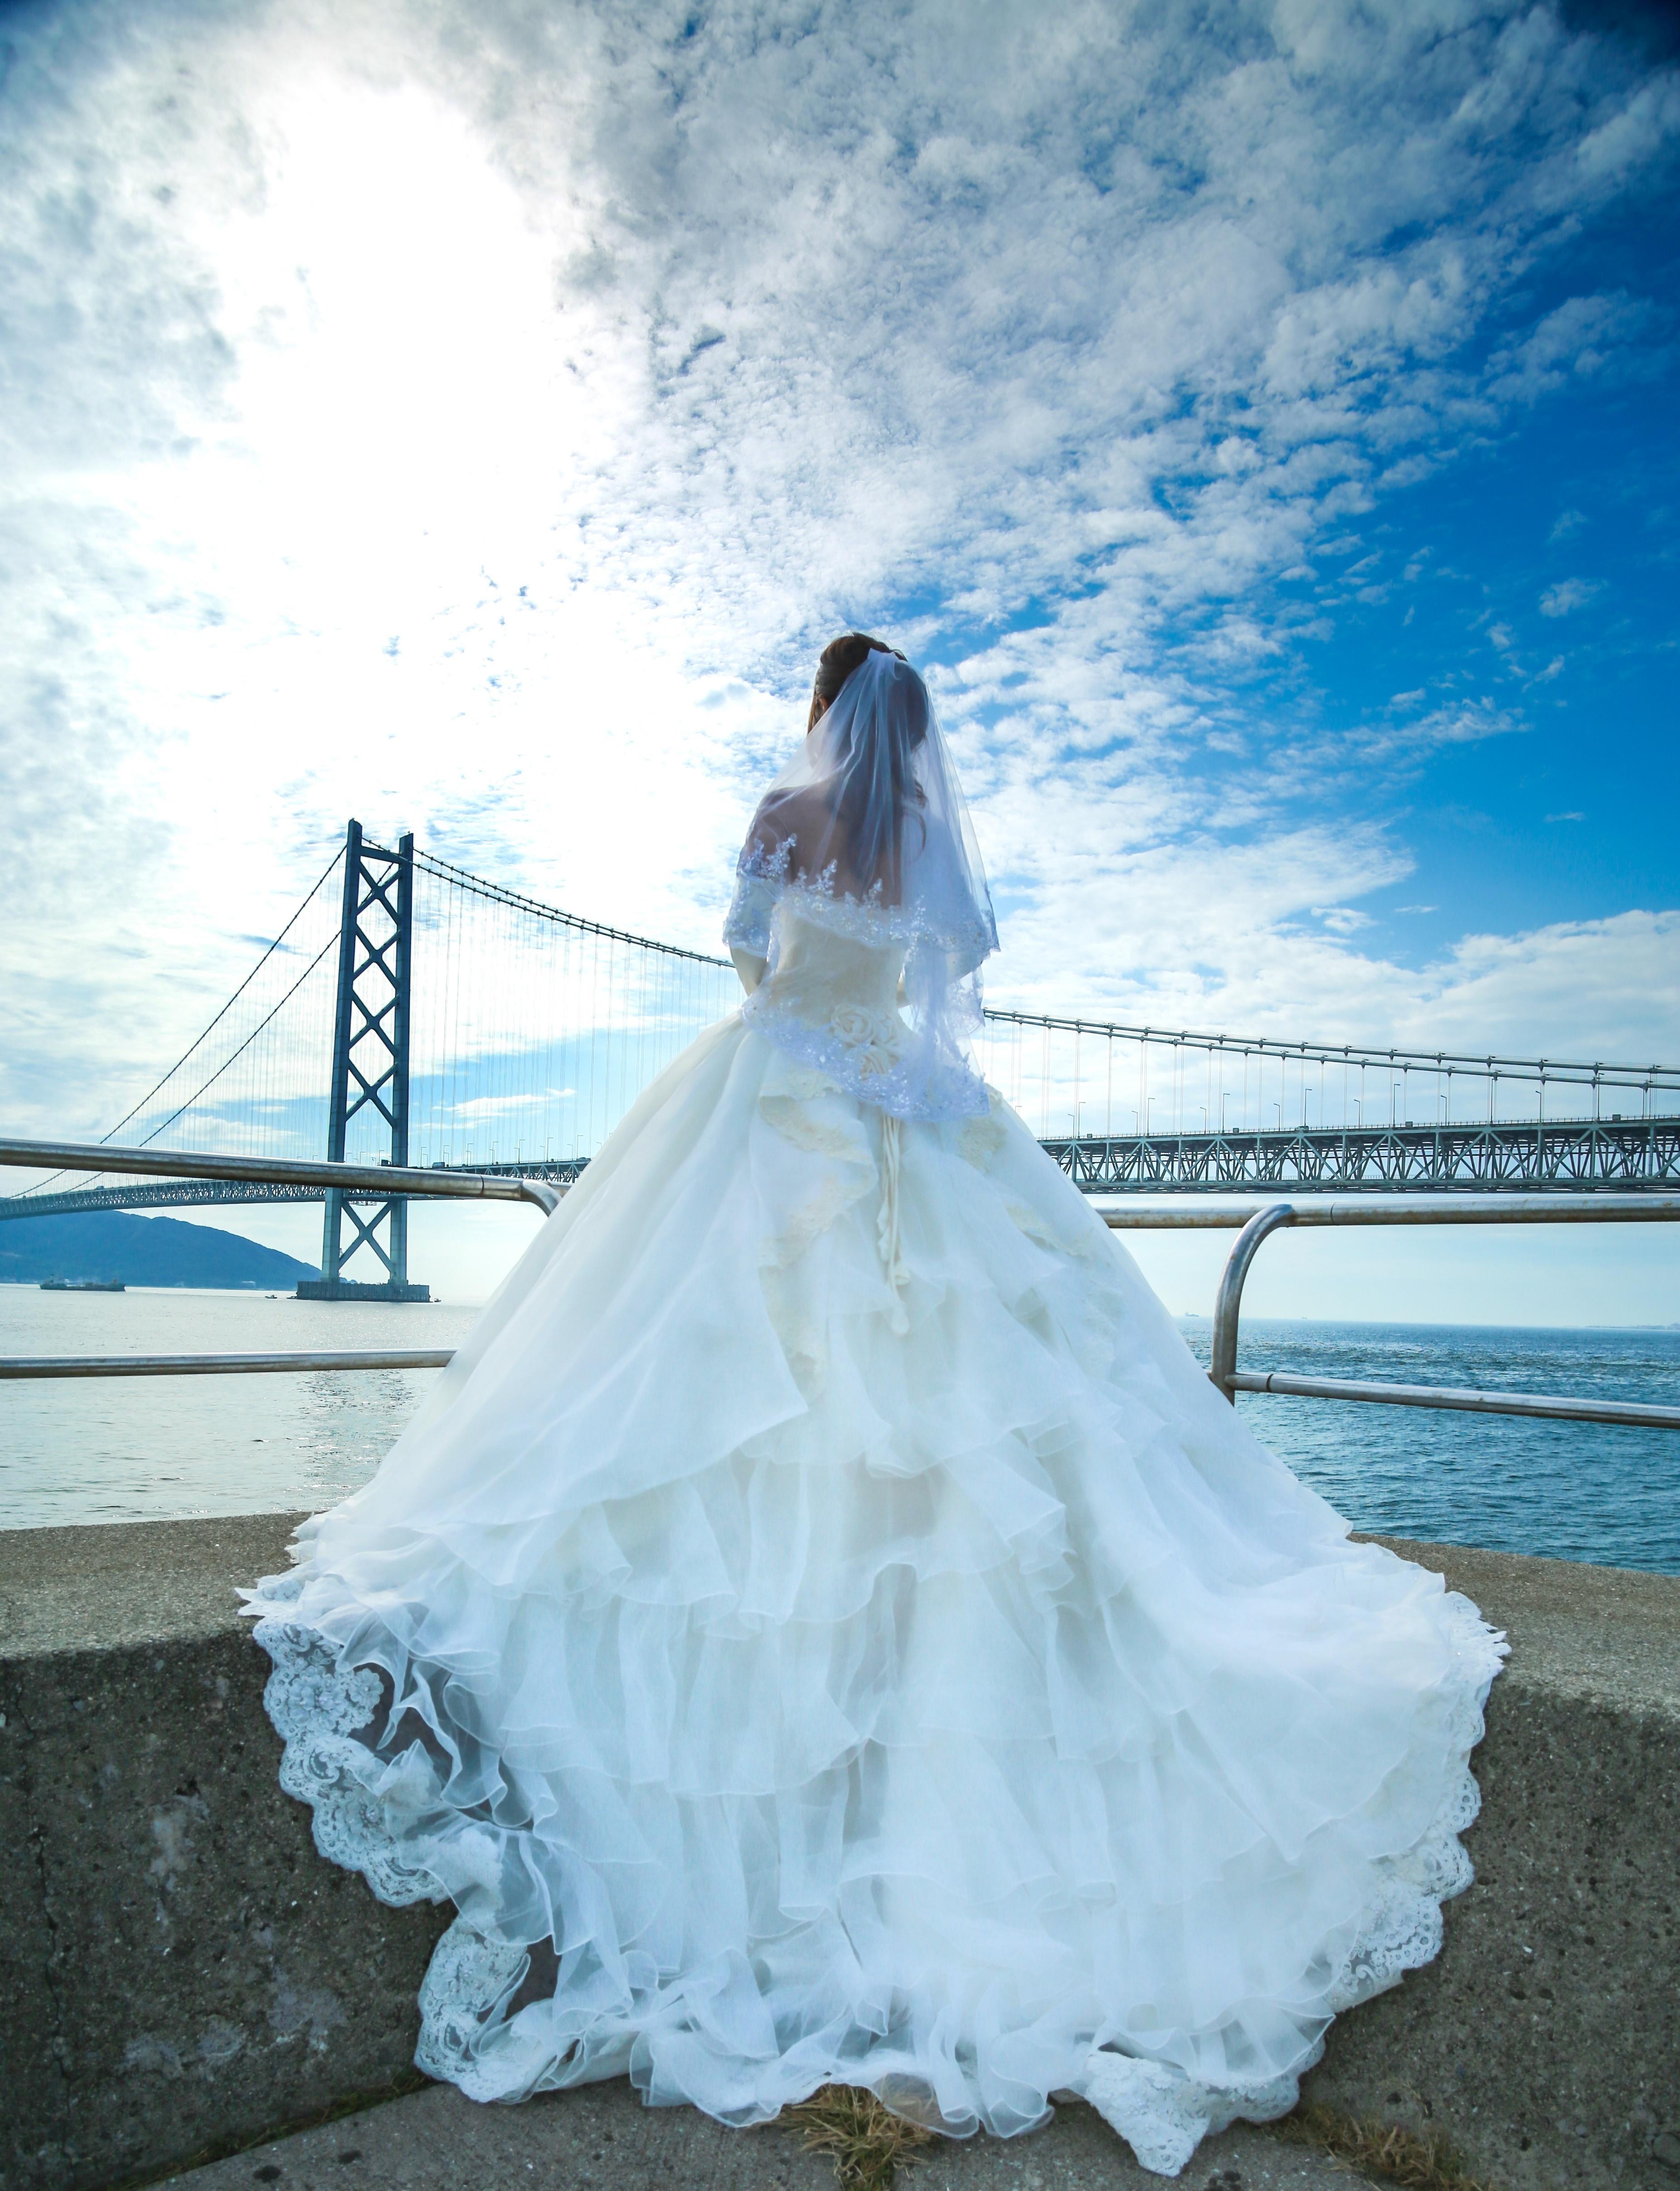 明石海峡大橋とウェディングドレス姿の女性 無料の写真素材はフリー